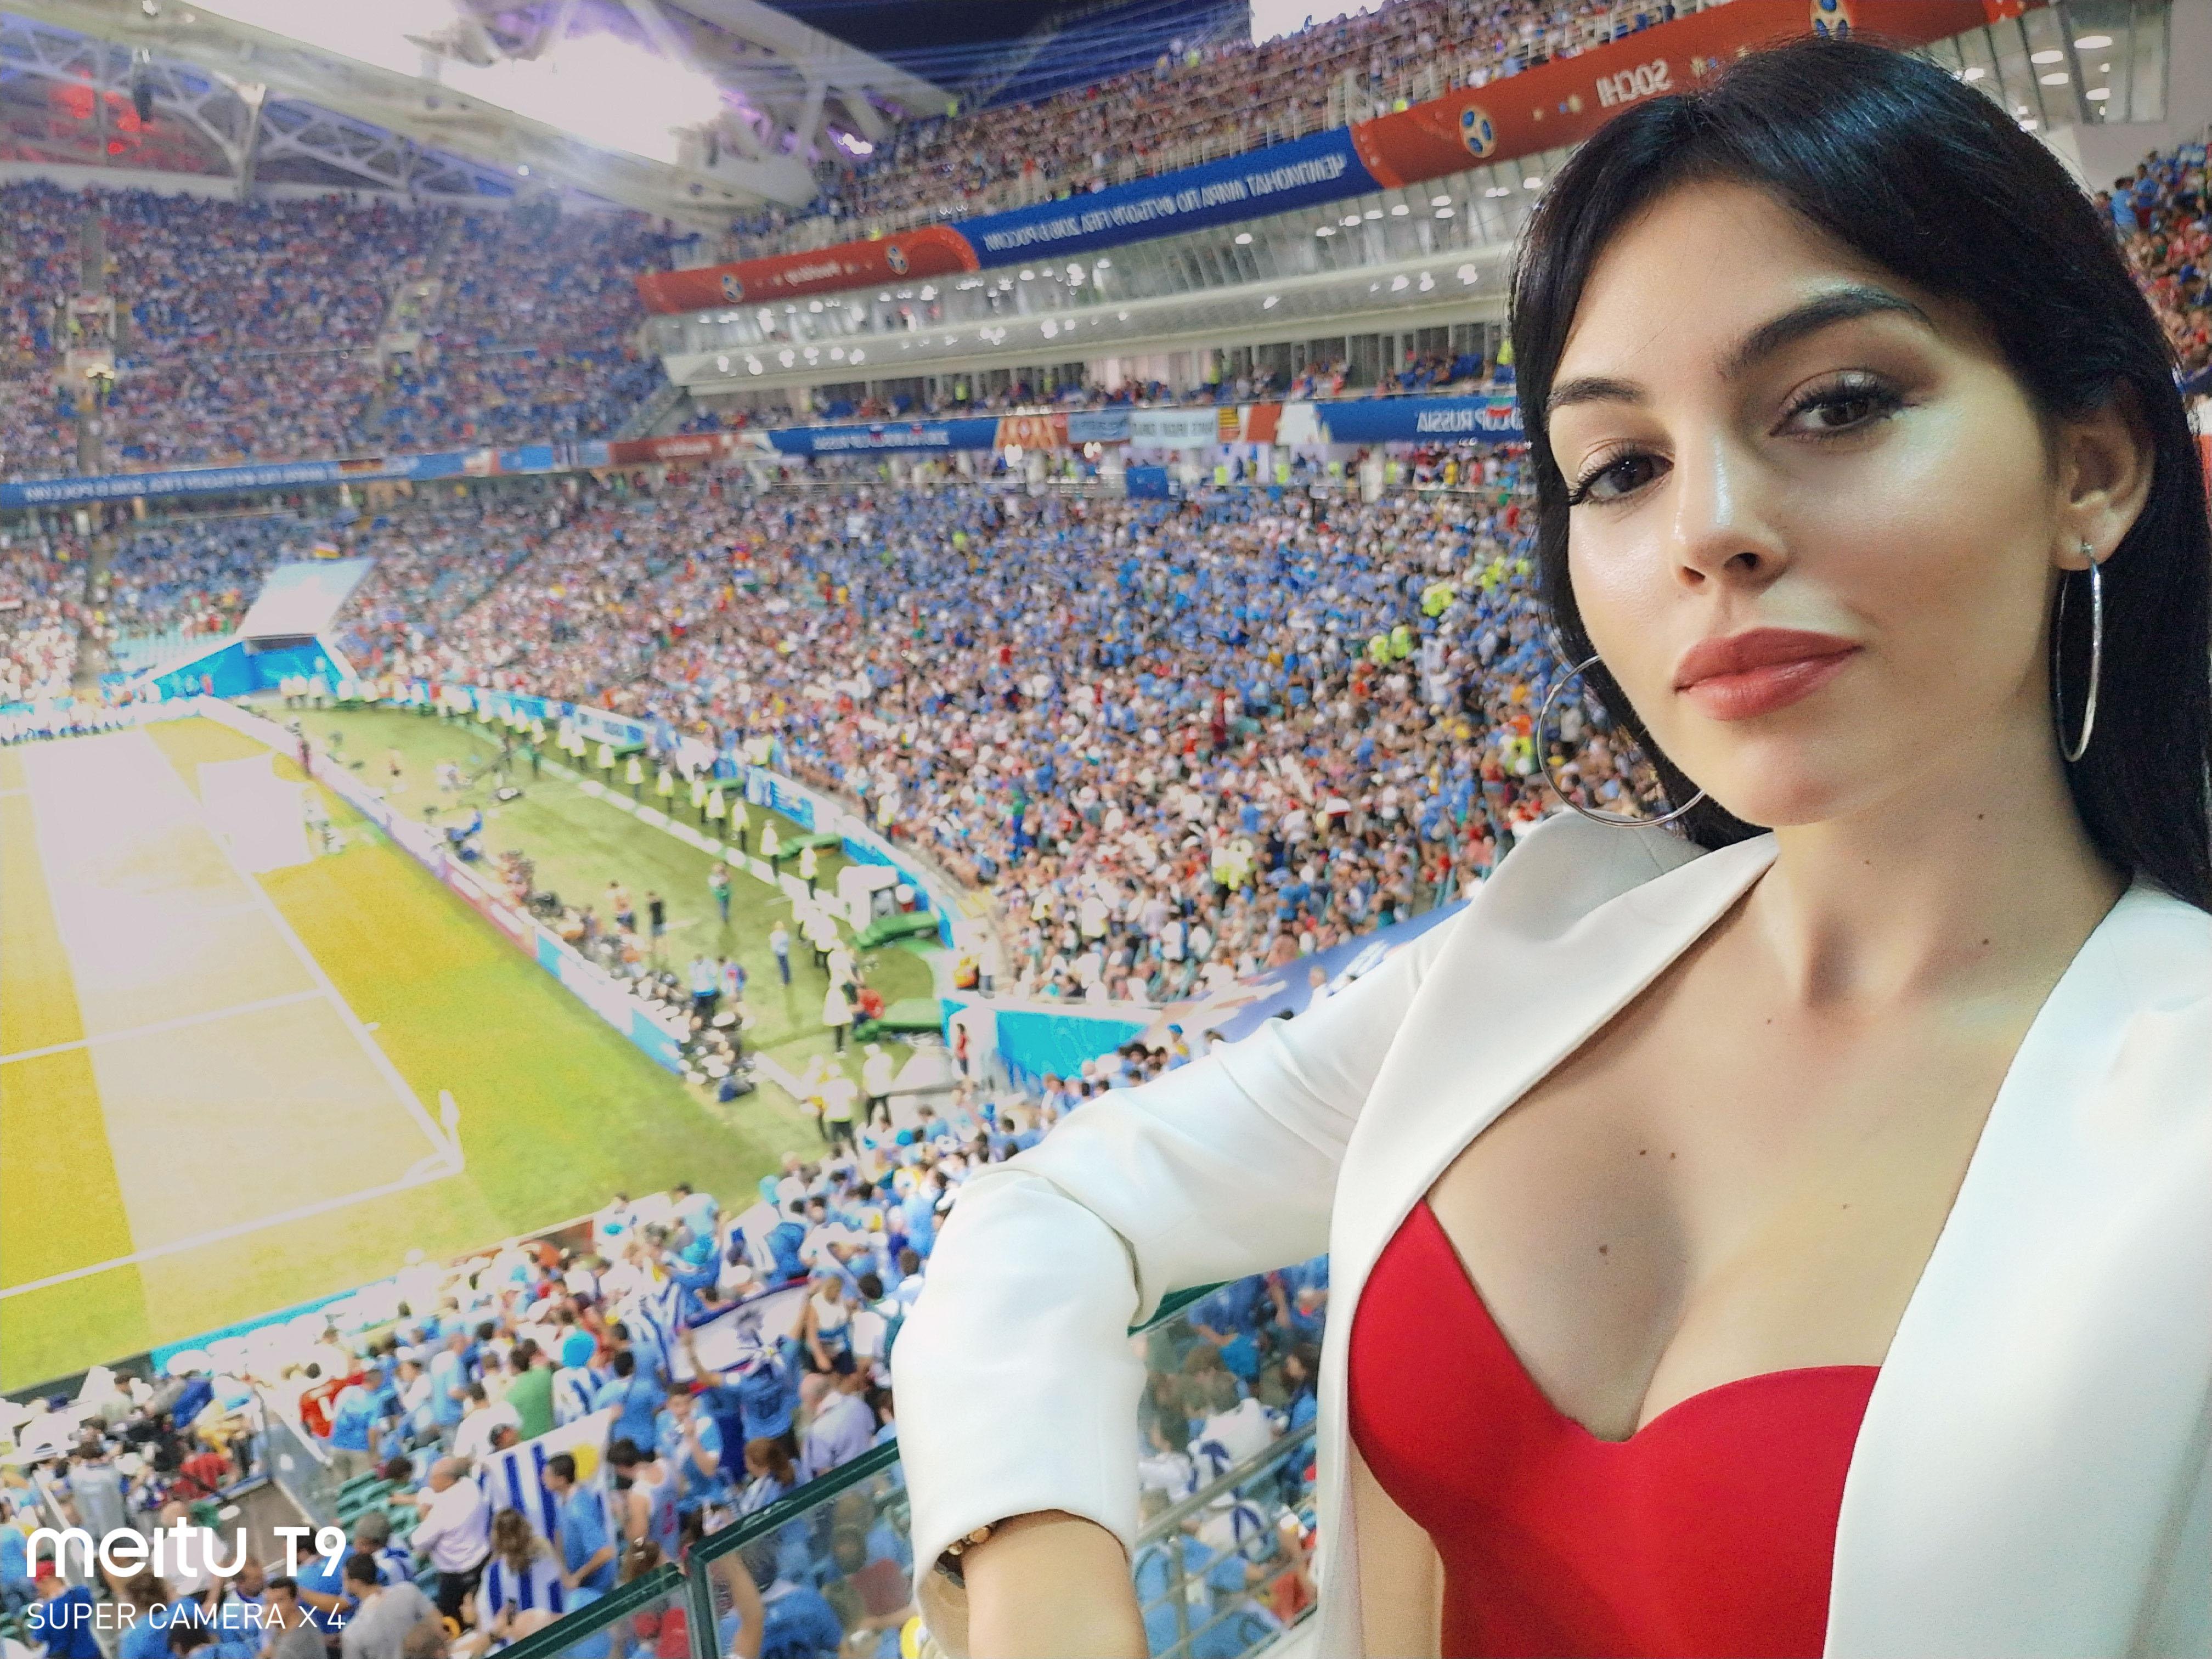 看妹!!! 不只瘋世足更瘋美圖!FIFA 世界盃絕美太太女友團用美圖 T9 這拍出逆天奇蹟美照! @3C 達人廖阿輝